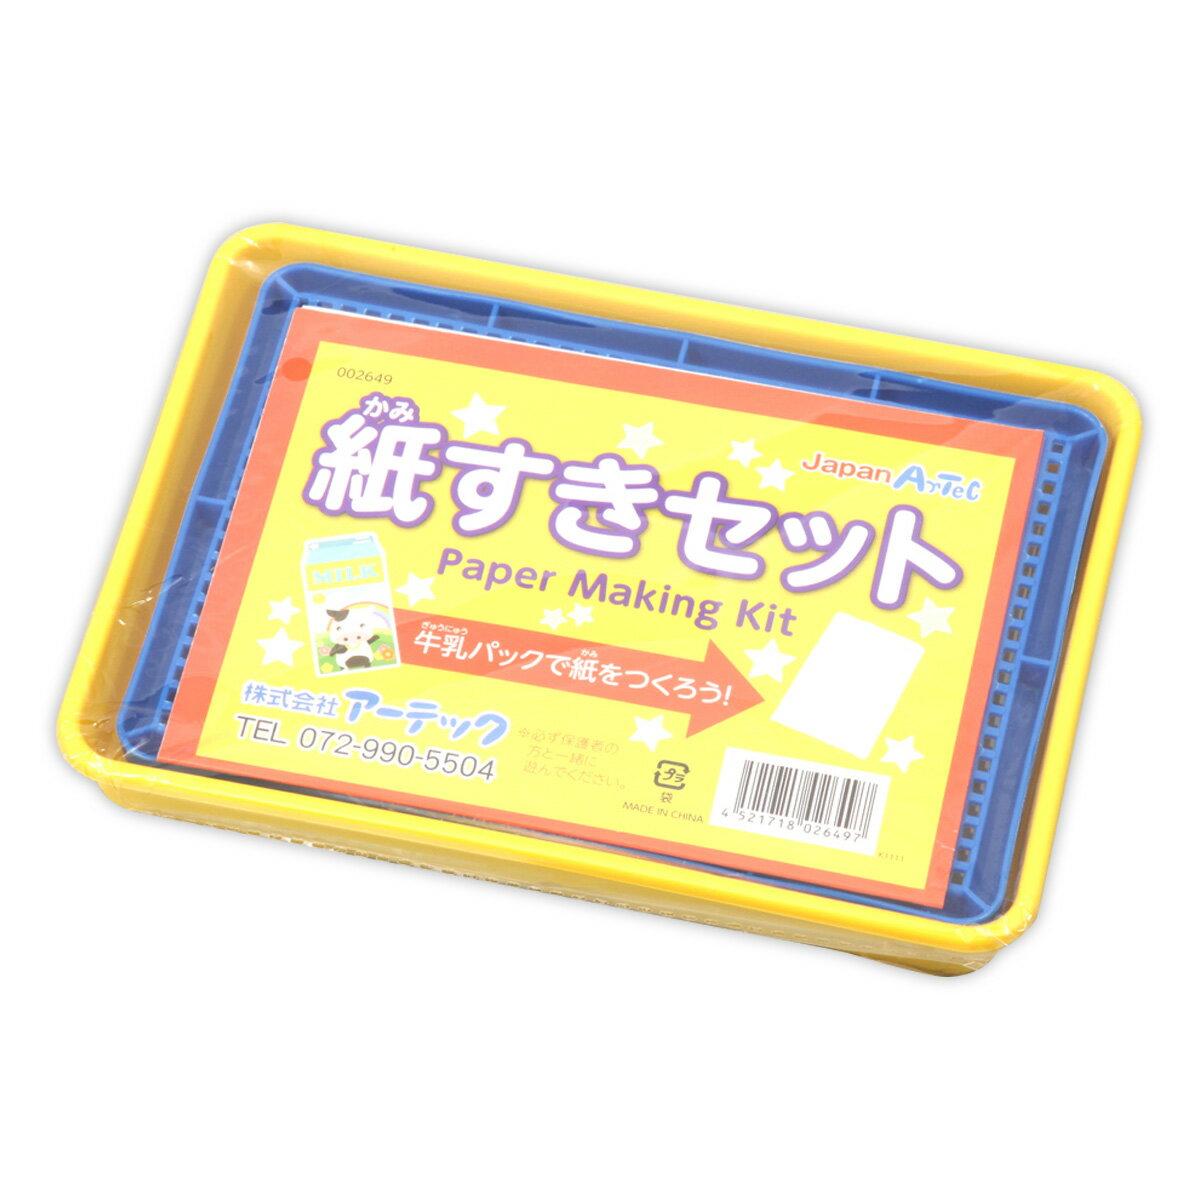 紙すきセット 知育玩具 教育の商品画像